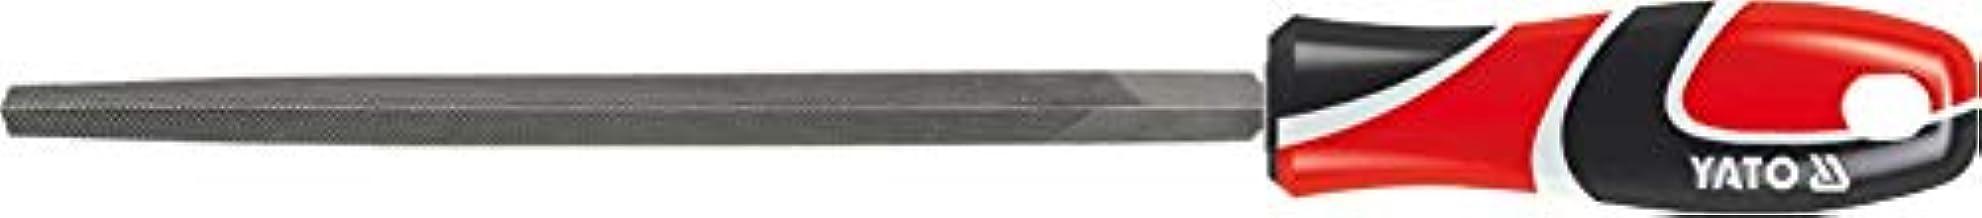 مبرد فولاذي ثلاثي الزوايا من ياتو YT-6225 ، طول 250 ملم